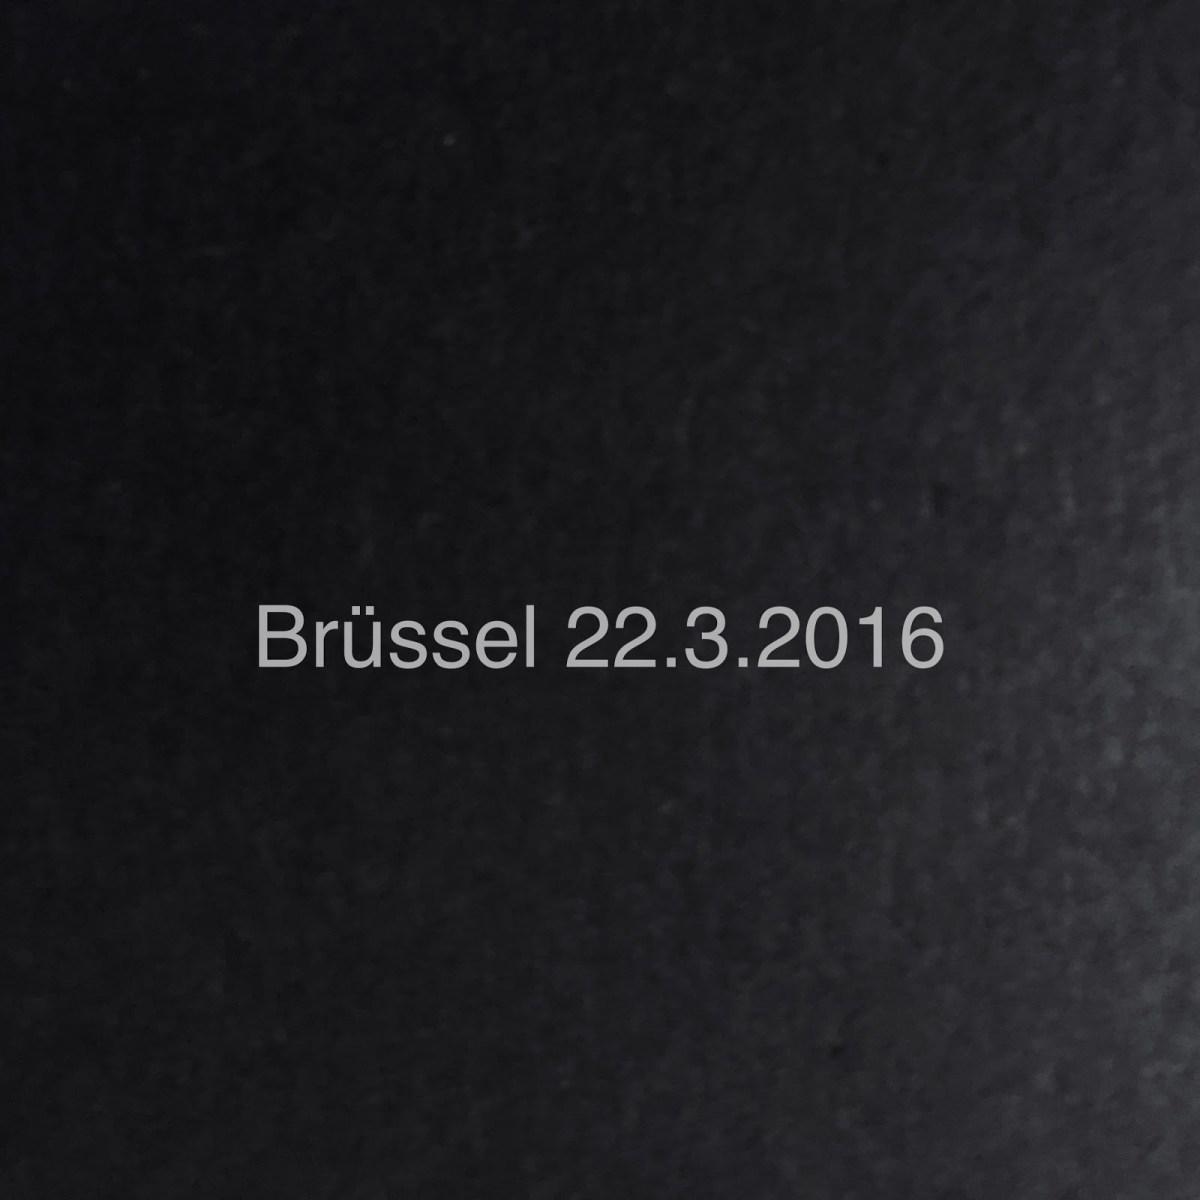 Brüssel 22.3.2016 – Beitrag ohne Fotos